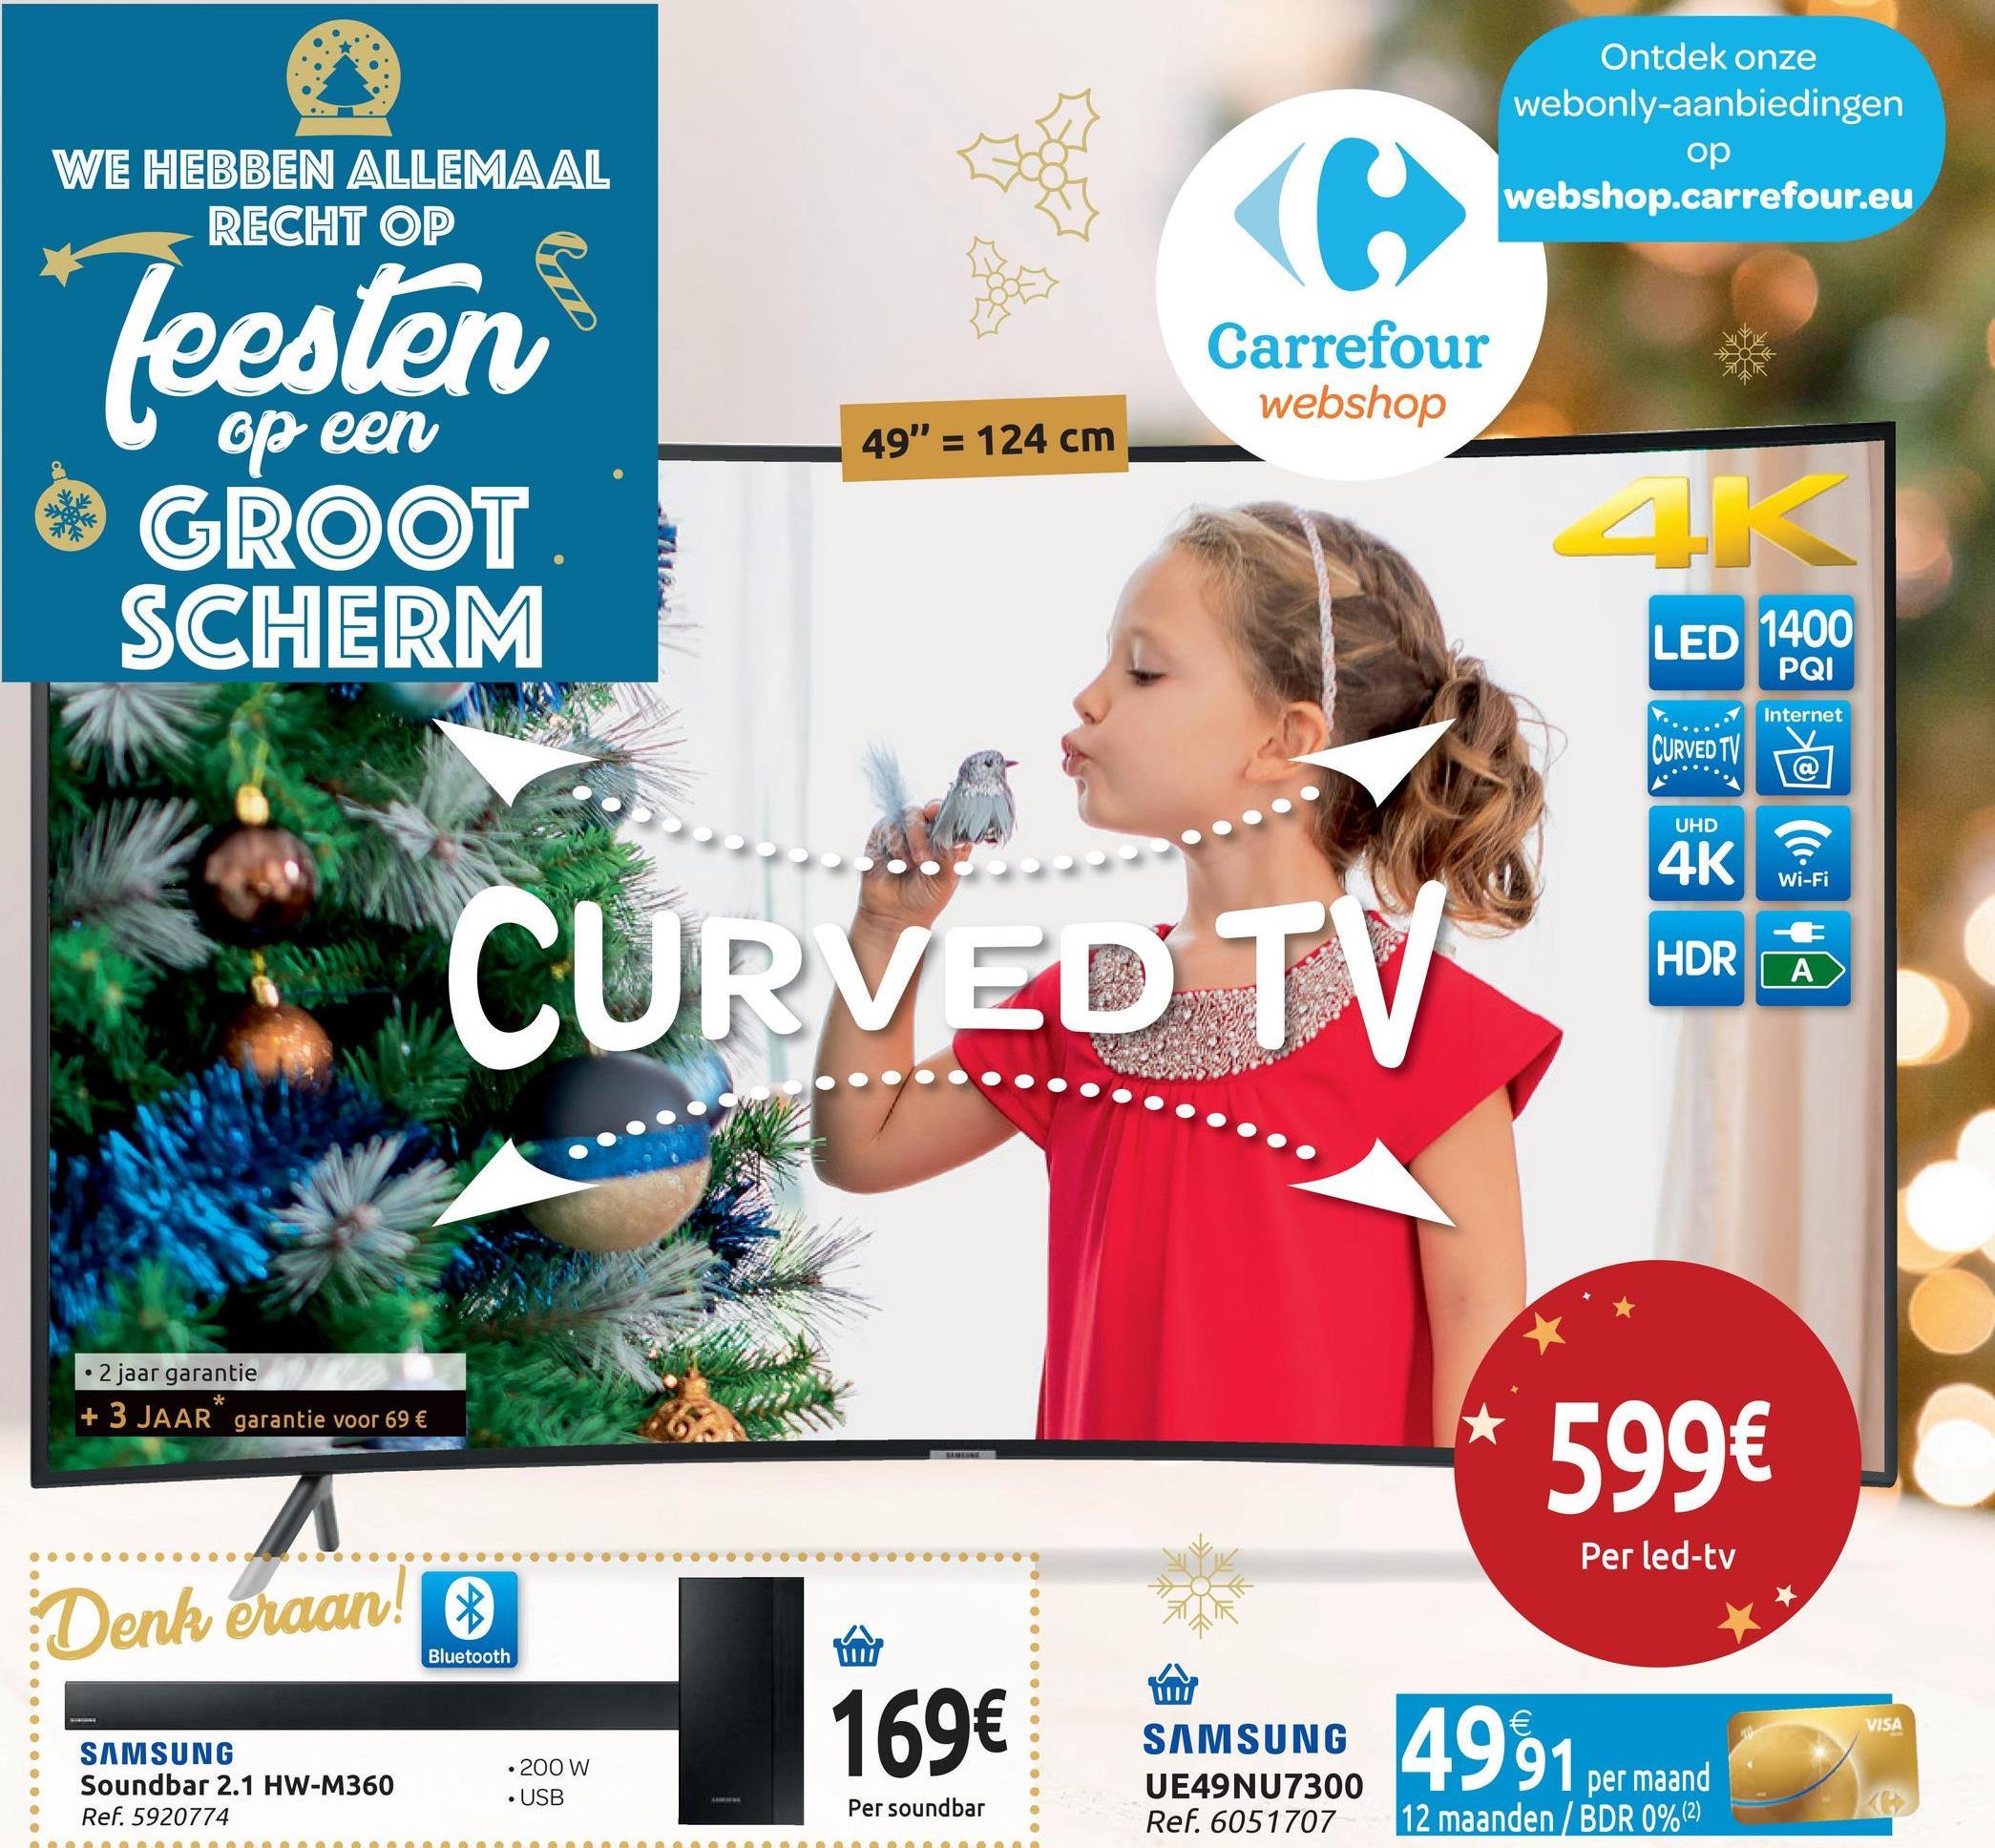 """Ontdek onze webonly-aanbiedingen op webshop.carrefour.eu WE HEBBEN ALLEMAAL RECHT OP feesten Carrefour webshop 49"""" = 124 cm op een GROOT SCHERM ED 1400 PQI Internet CURVED TV @ UHD 4K Wi-Fi HDR   ΑΣ • 2 jaar garantie + 3 JAAR"""" garantie voor 69 € 599€ Per led-tv Denk eraan! Bluetooth 169€ VISA SAMSUNG Soundbar 2.1 HW-M360 Ref. 5920774 • 200 W . USB SAMSUNG UE49NU7300 Ref. 6051707 Per soundbar 91 per maand 12 maanden / BDR 0%(2)"""